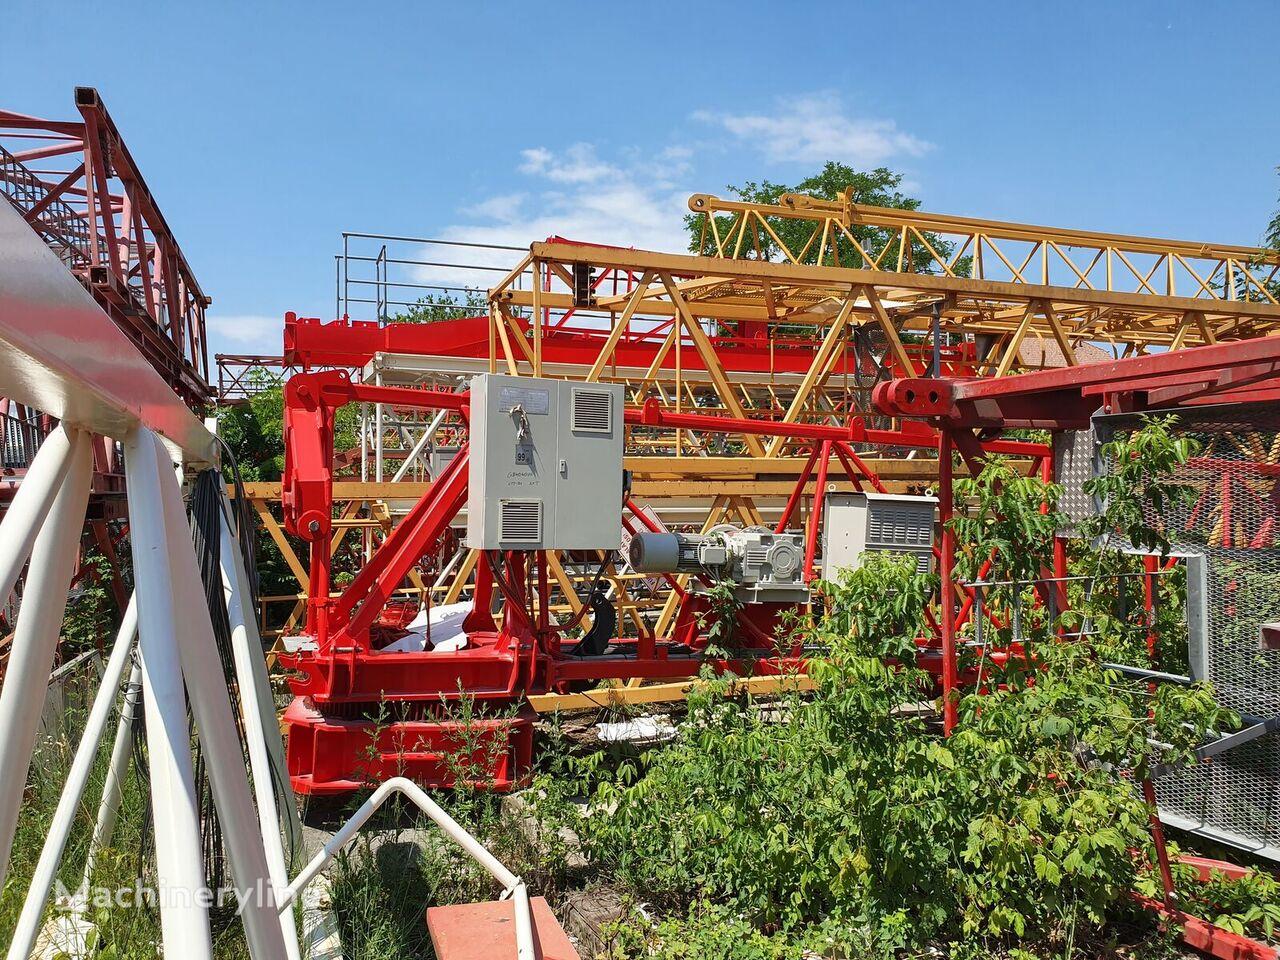 TEREX Comedil CTT-51 A2 tower crane